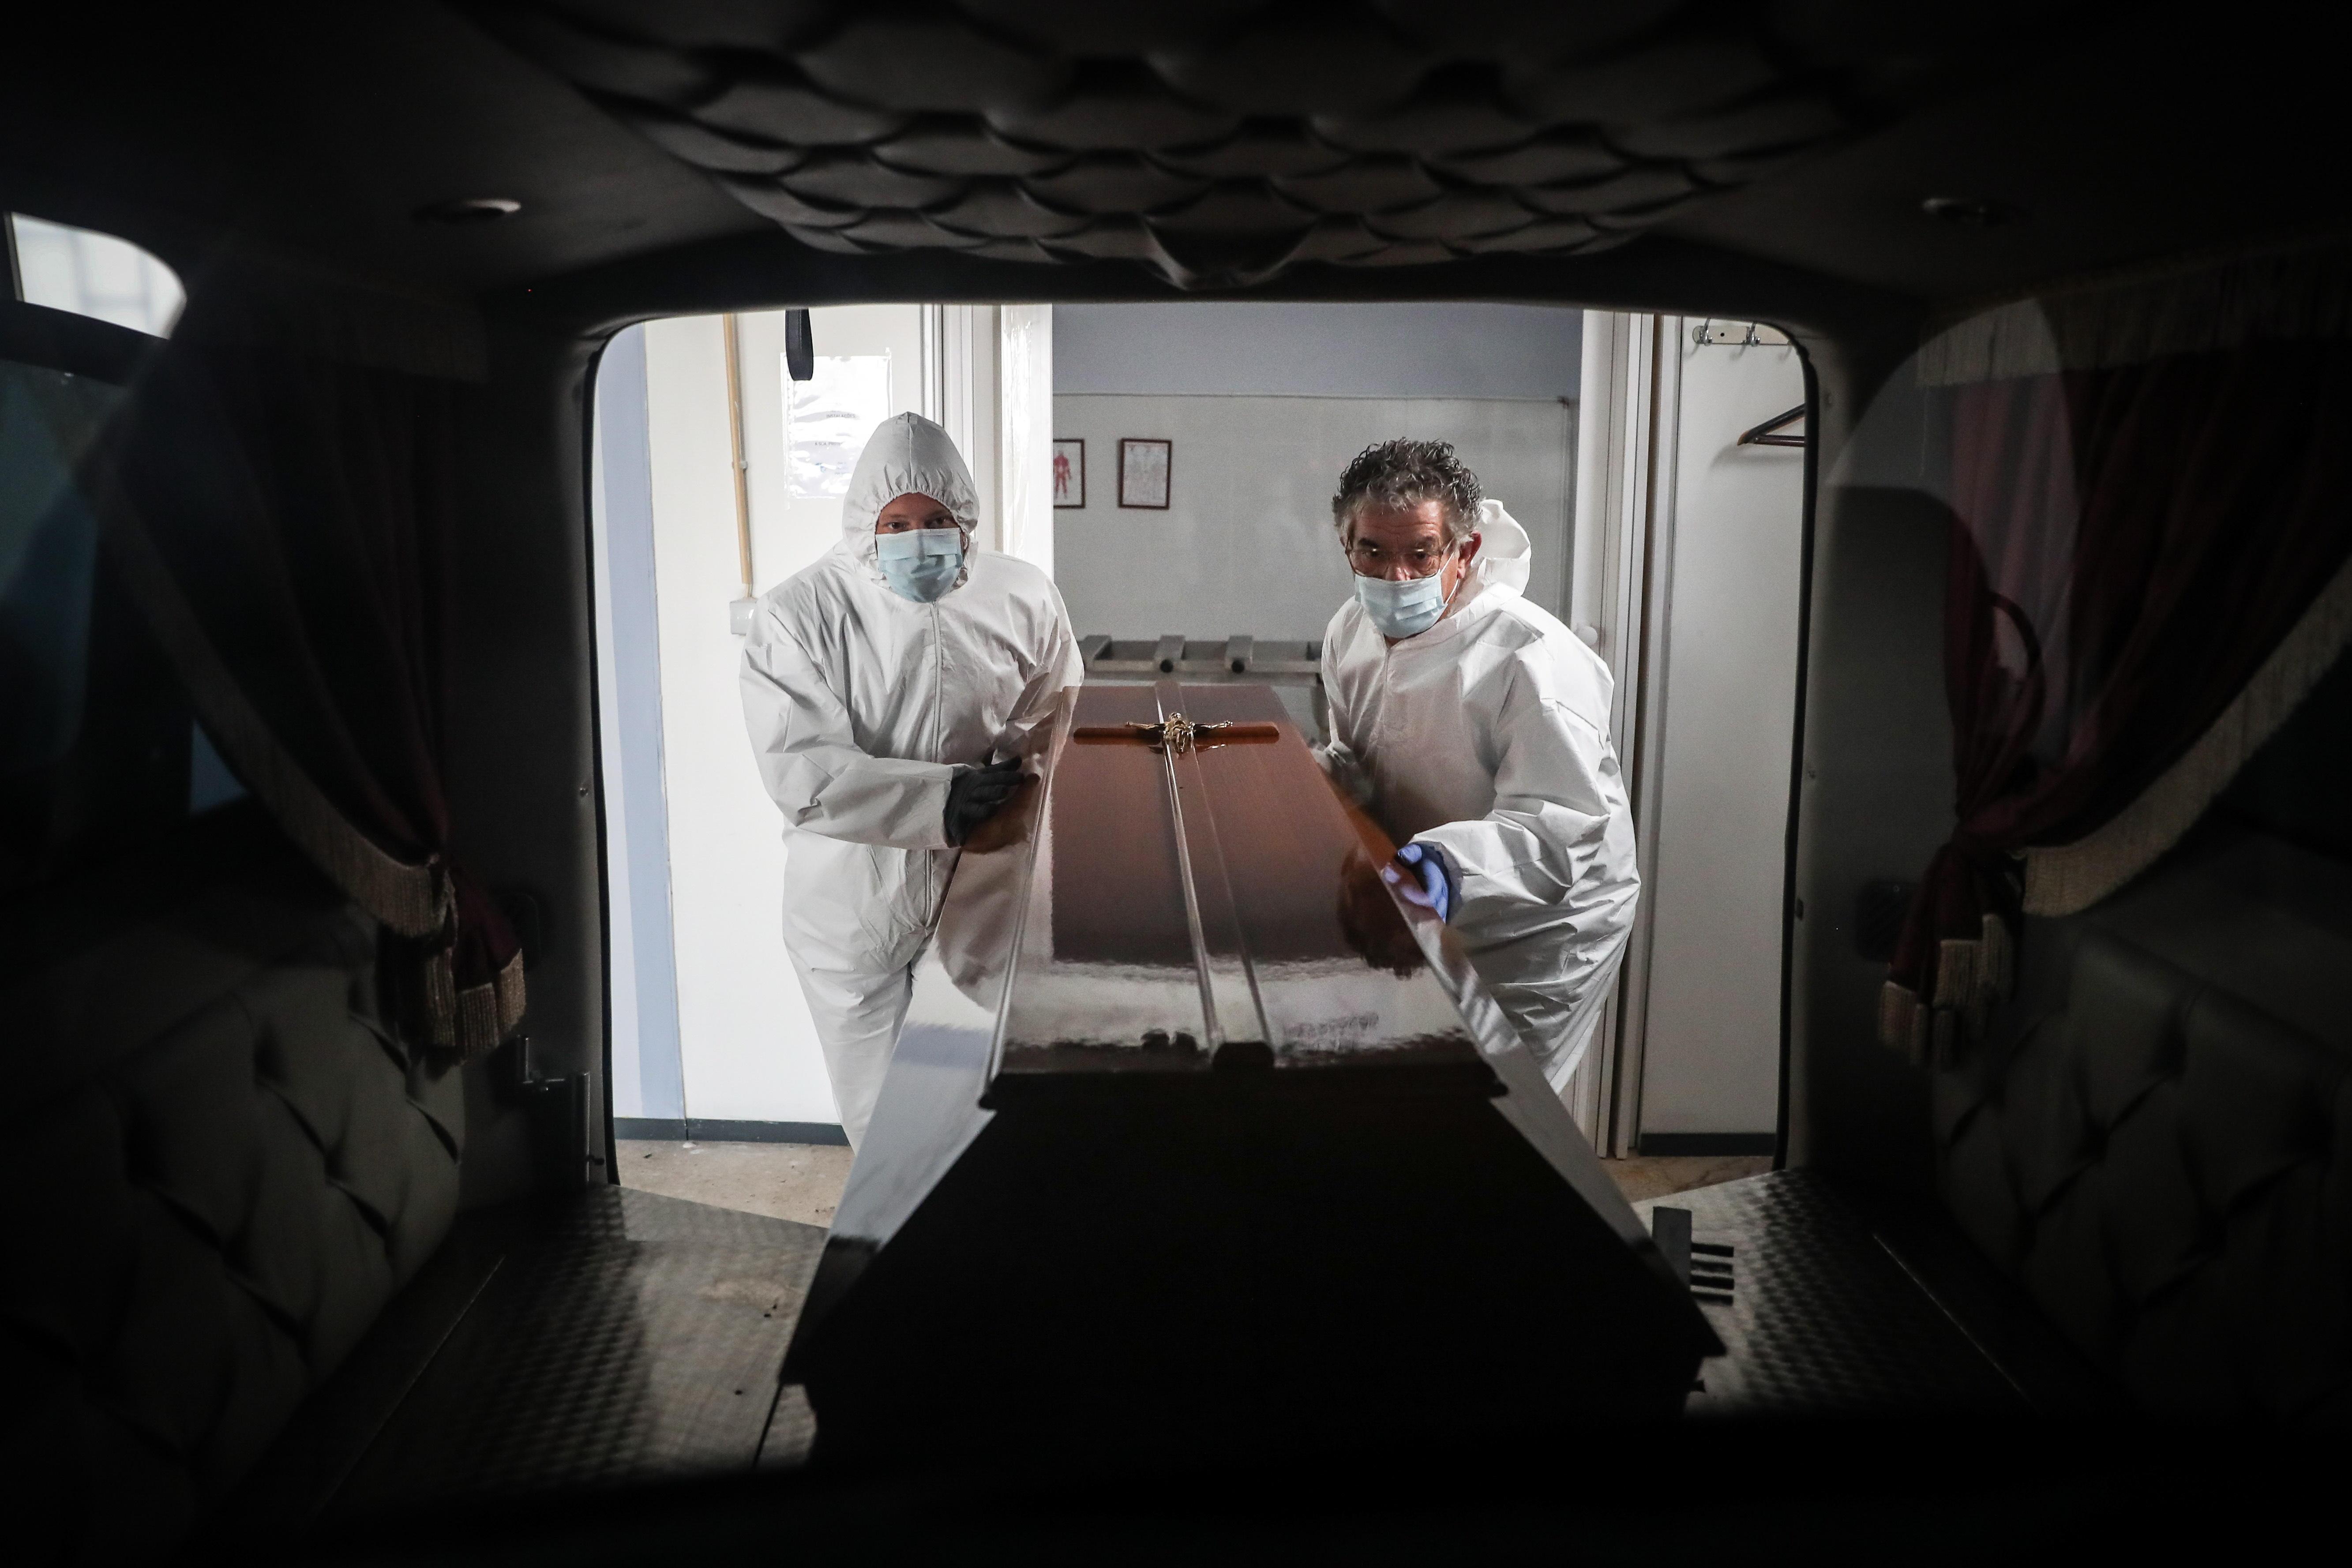 کارگران تشییع جنازه در بیمارستان آمادورا.